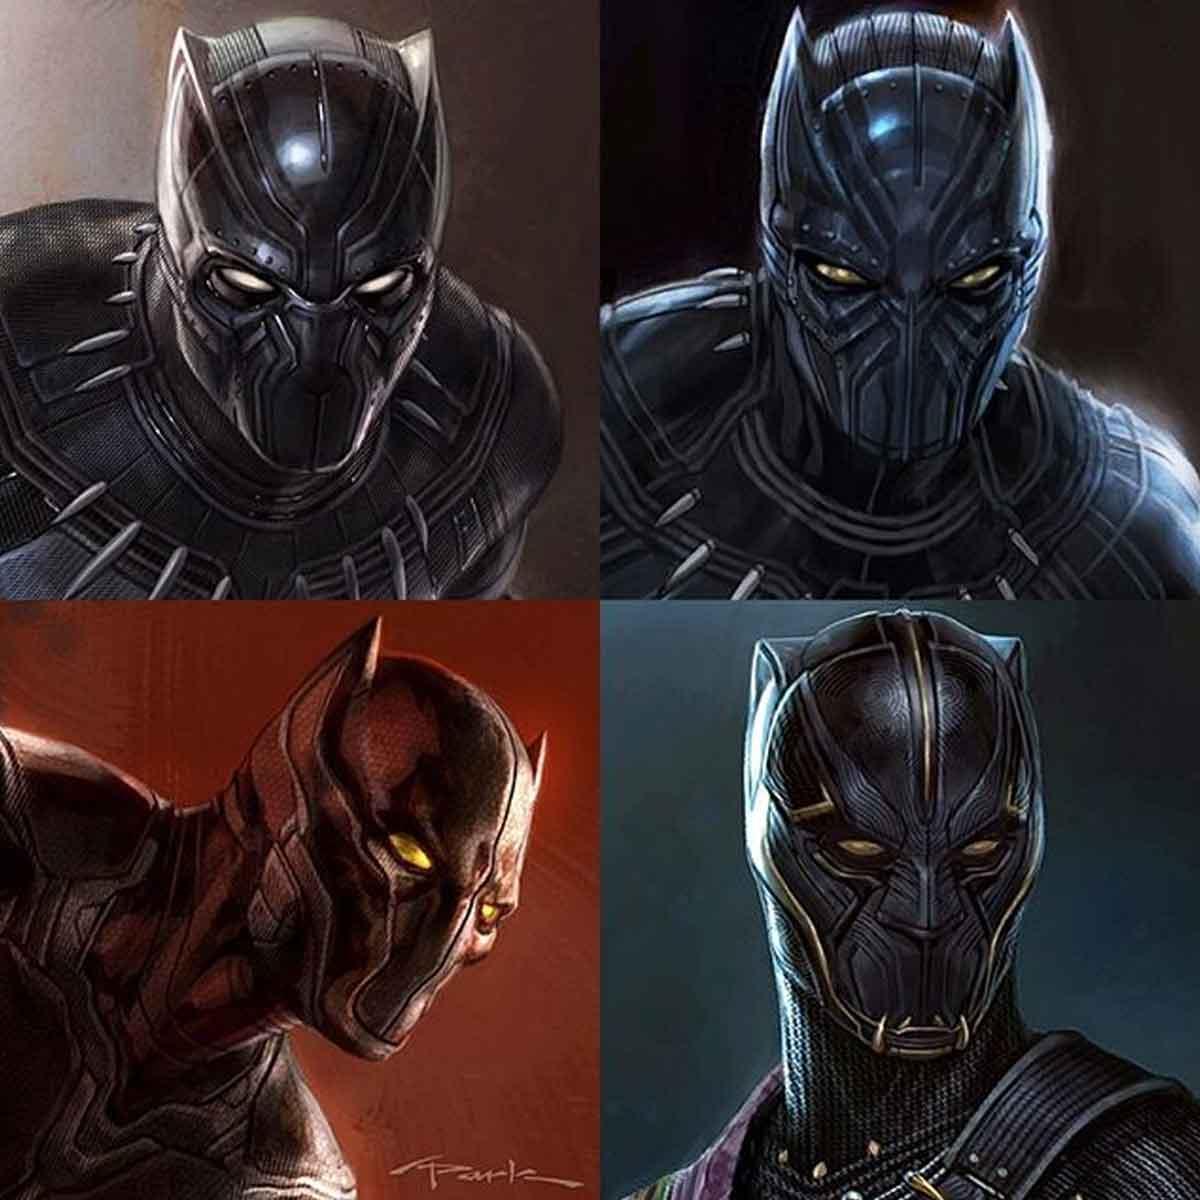 Marvel Studios shows off alternative Black Panther designs